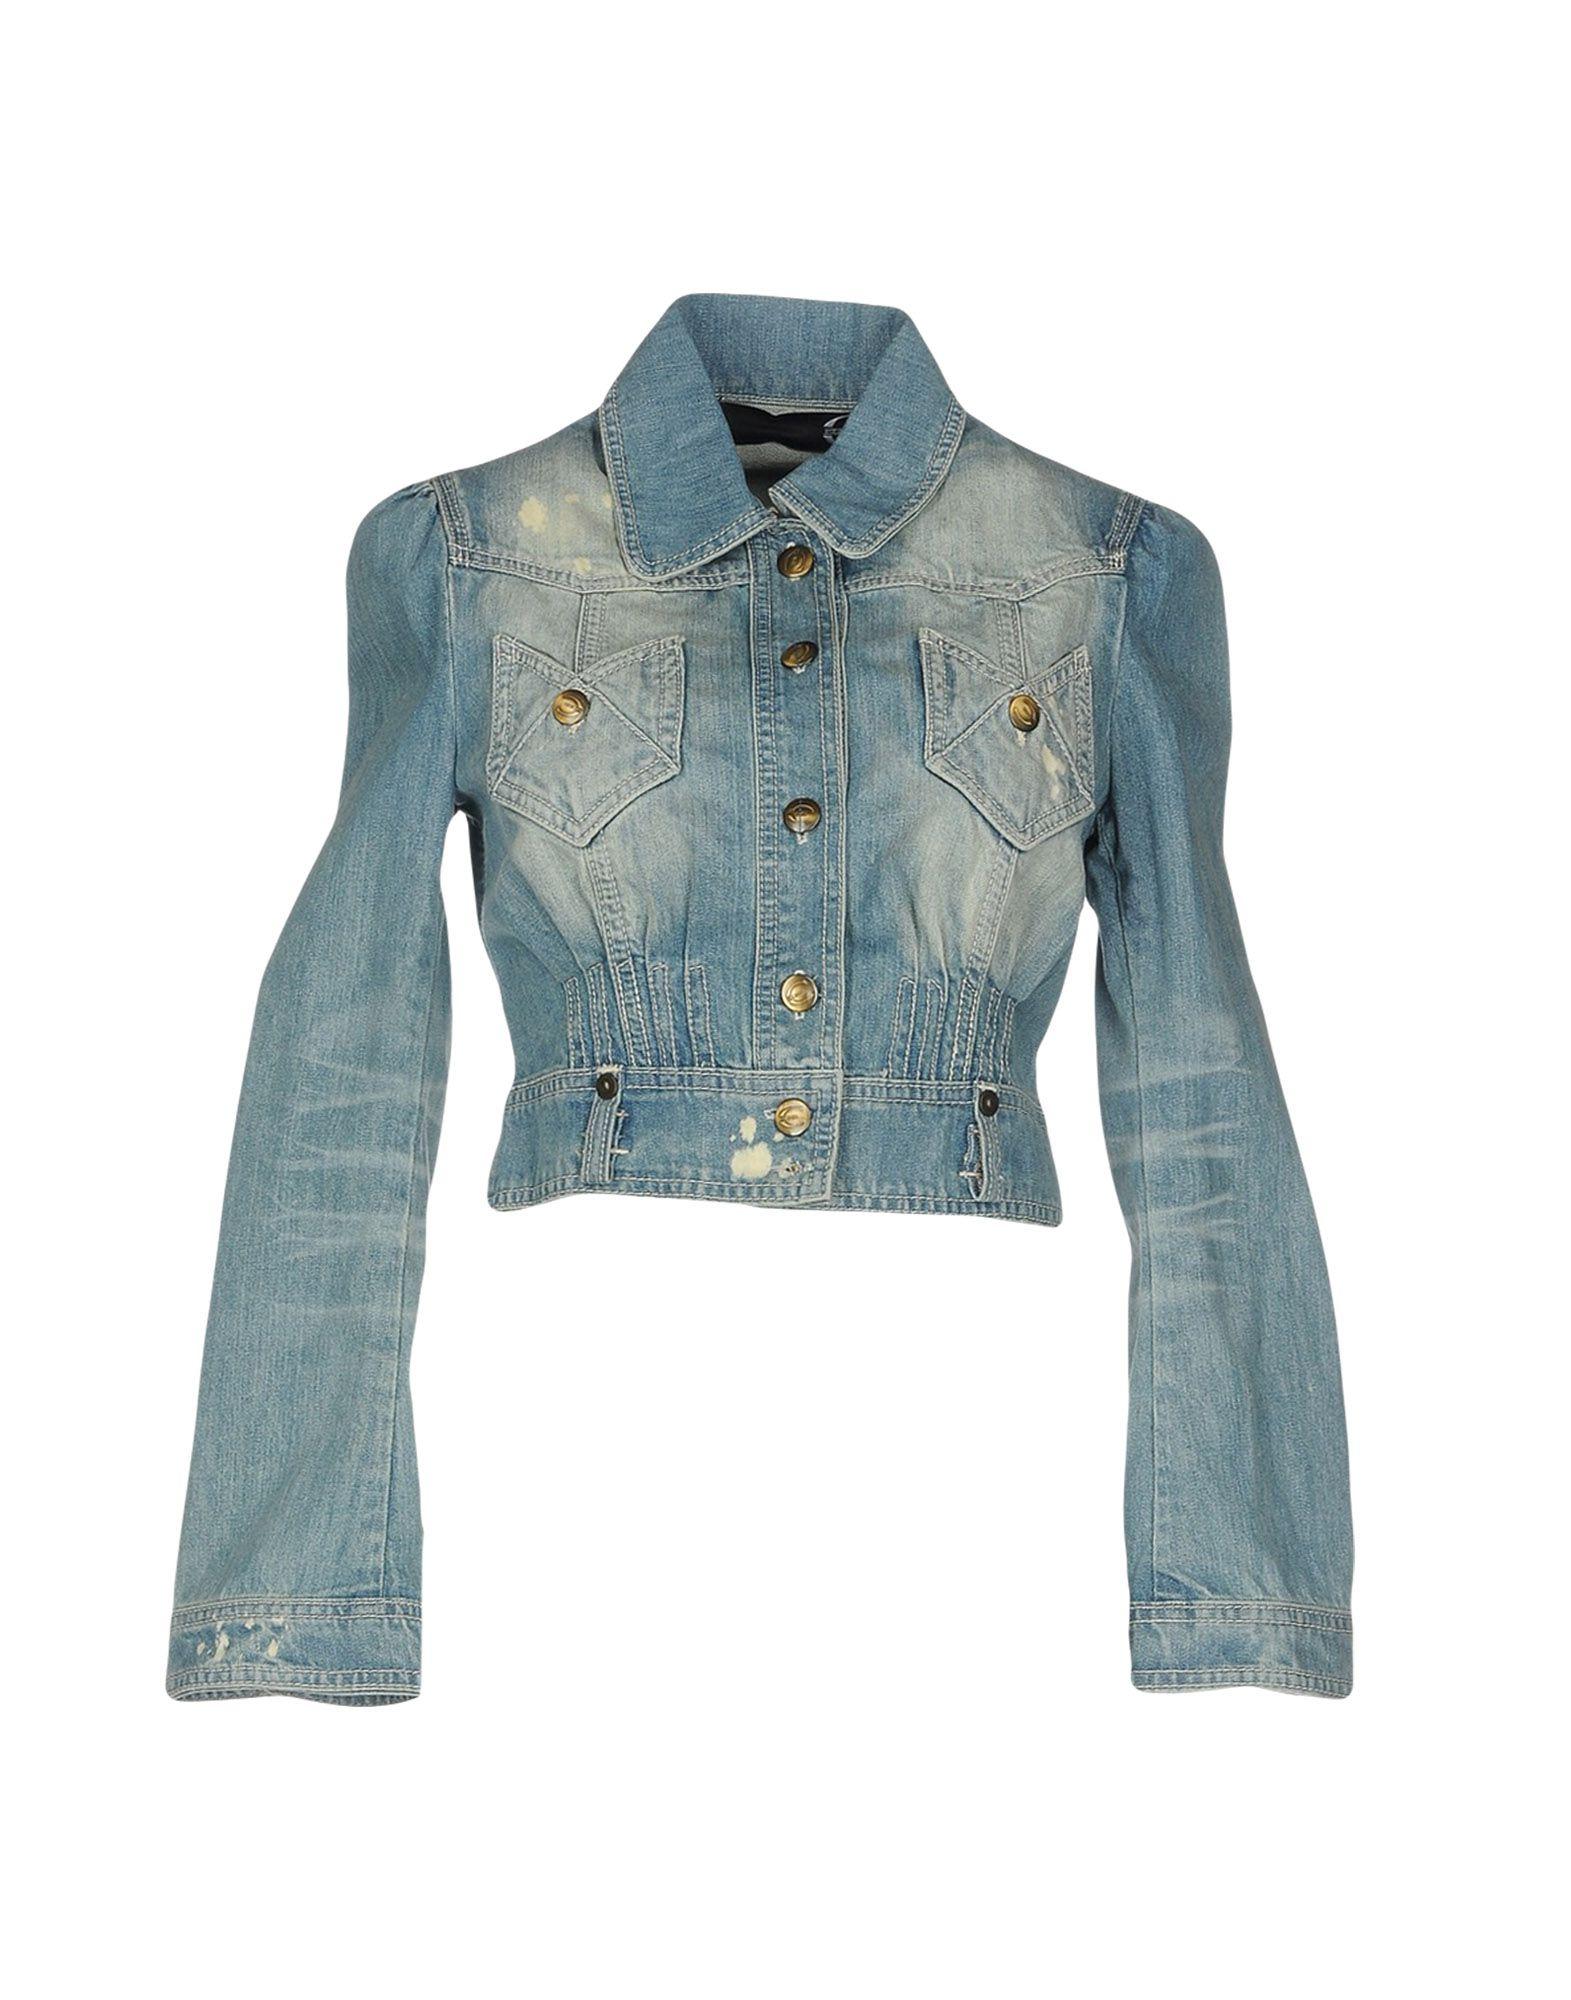 JUST CAVALLI Джинсовая верхняя одежда just cavalli джинсовая верхняя одежда